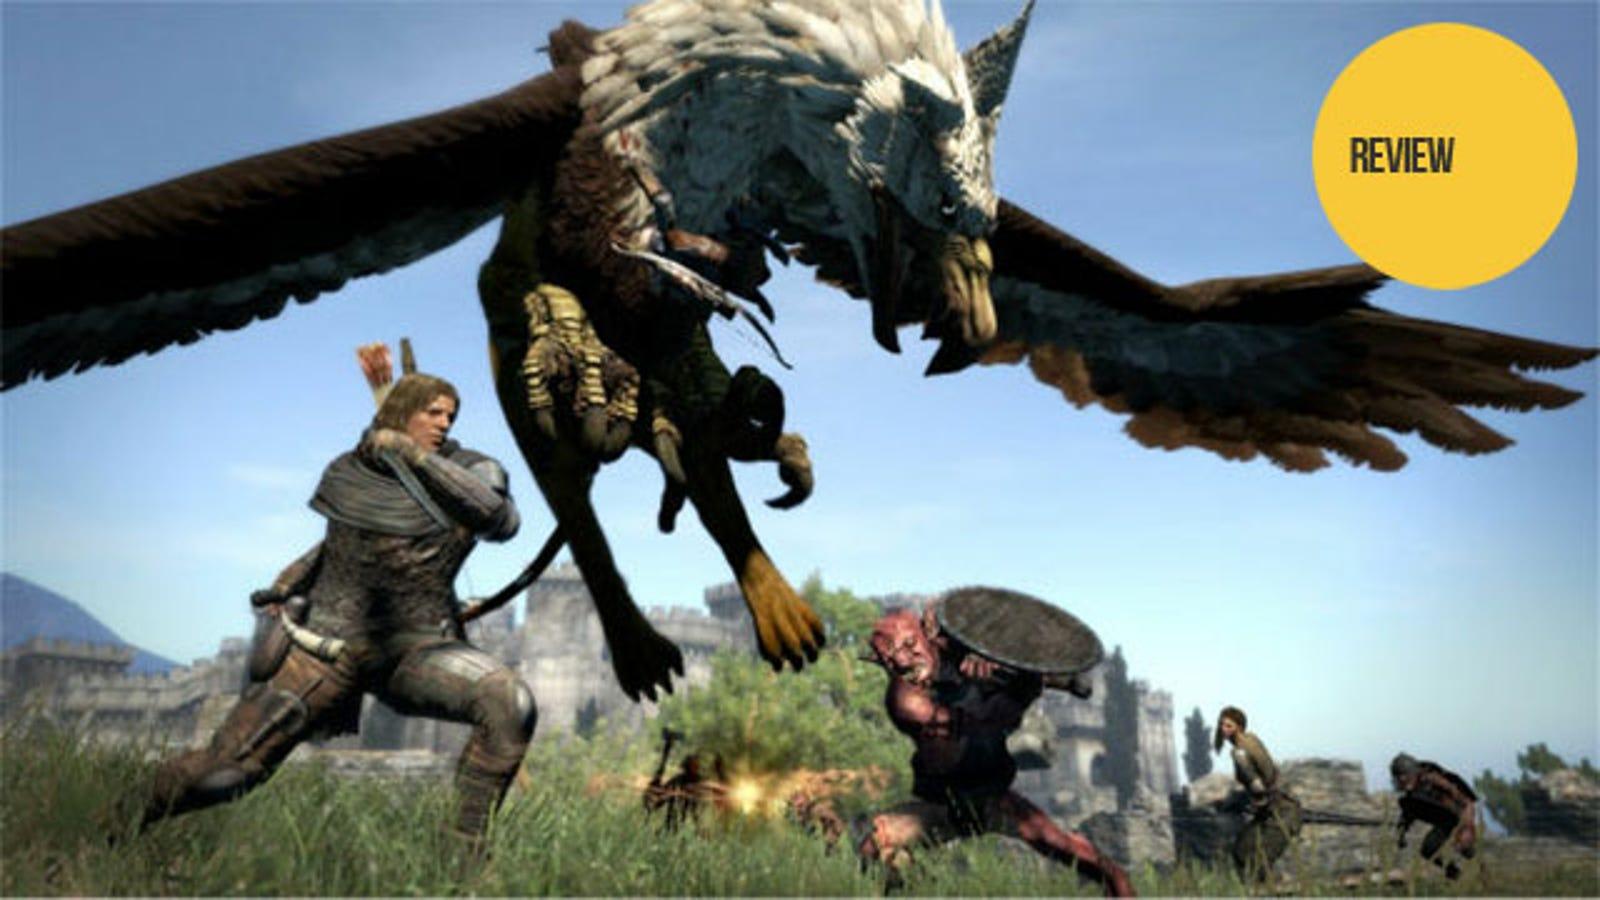 Dragon's Dogma: The Kotaku Review on